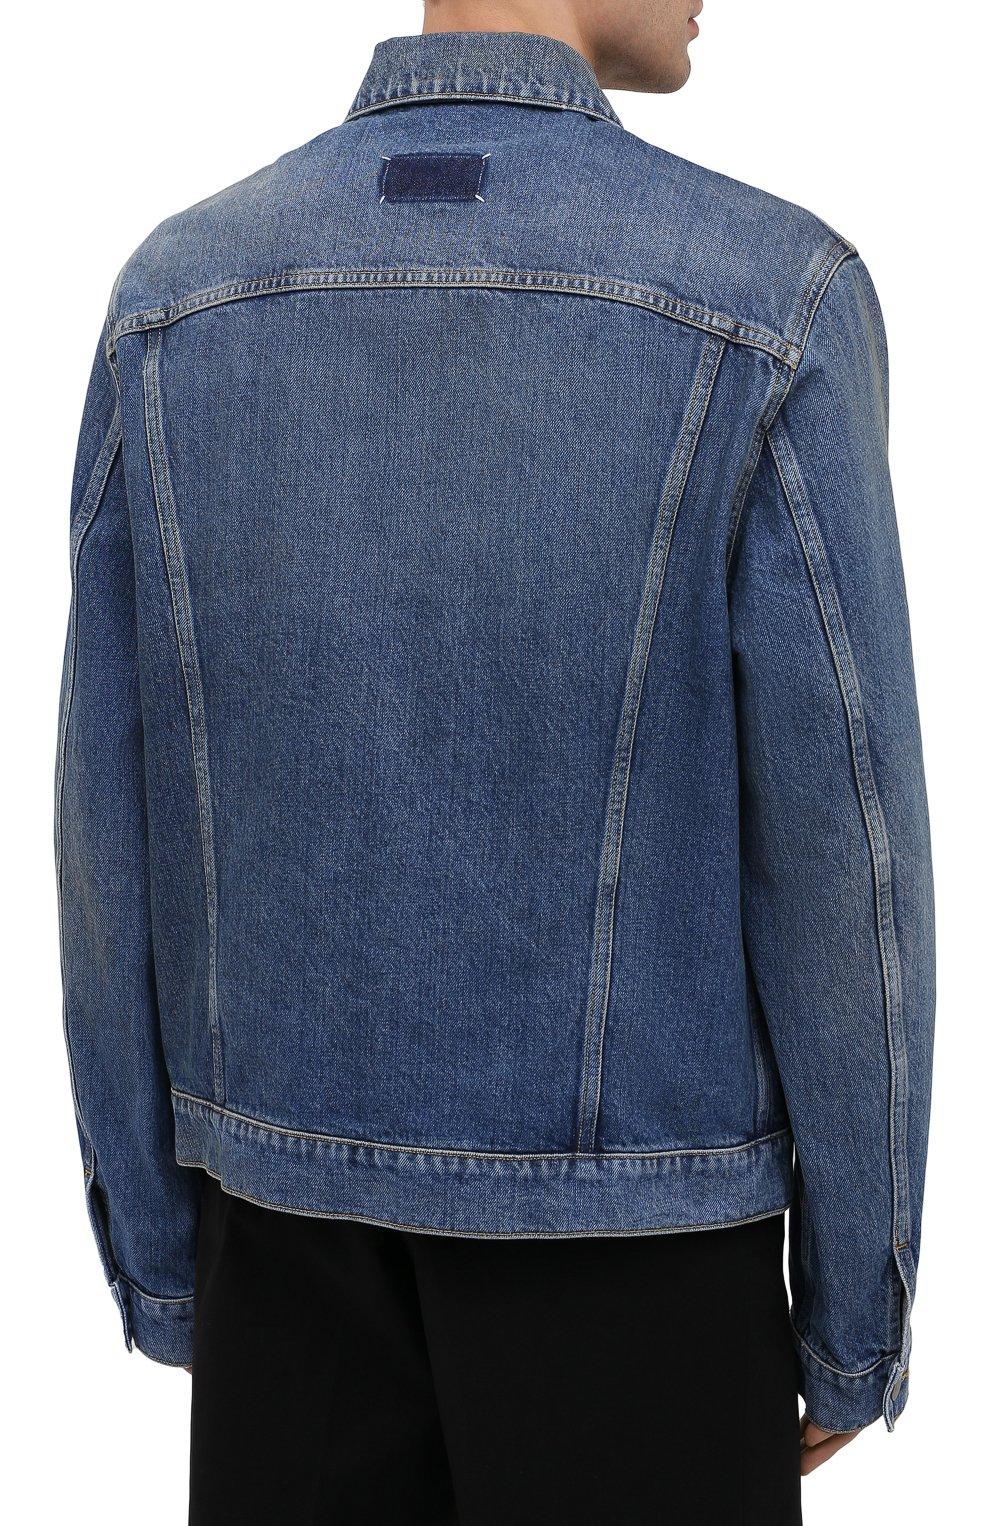 Мужская джинсовая куртка MAISON MARGIELA синего цвета, арт. S50AM0483/S30561 | Фото 4 (Кросс-КТ: Куртка, Деним; Рукава: Длинные; Стили: Гранж; Материал внешний: Хлопок; Мужское Кросс-КТ: Куртка-верхняя одежда, Верхняя одежда; Длина (верхняя одежда): Короткие)